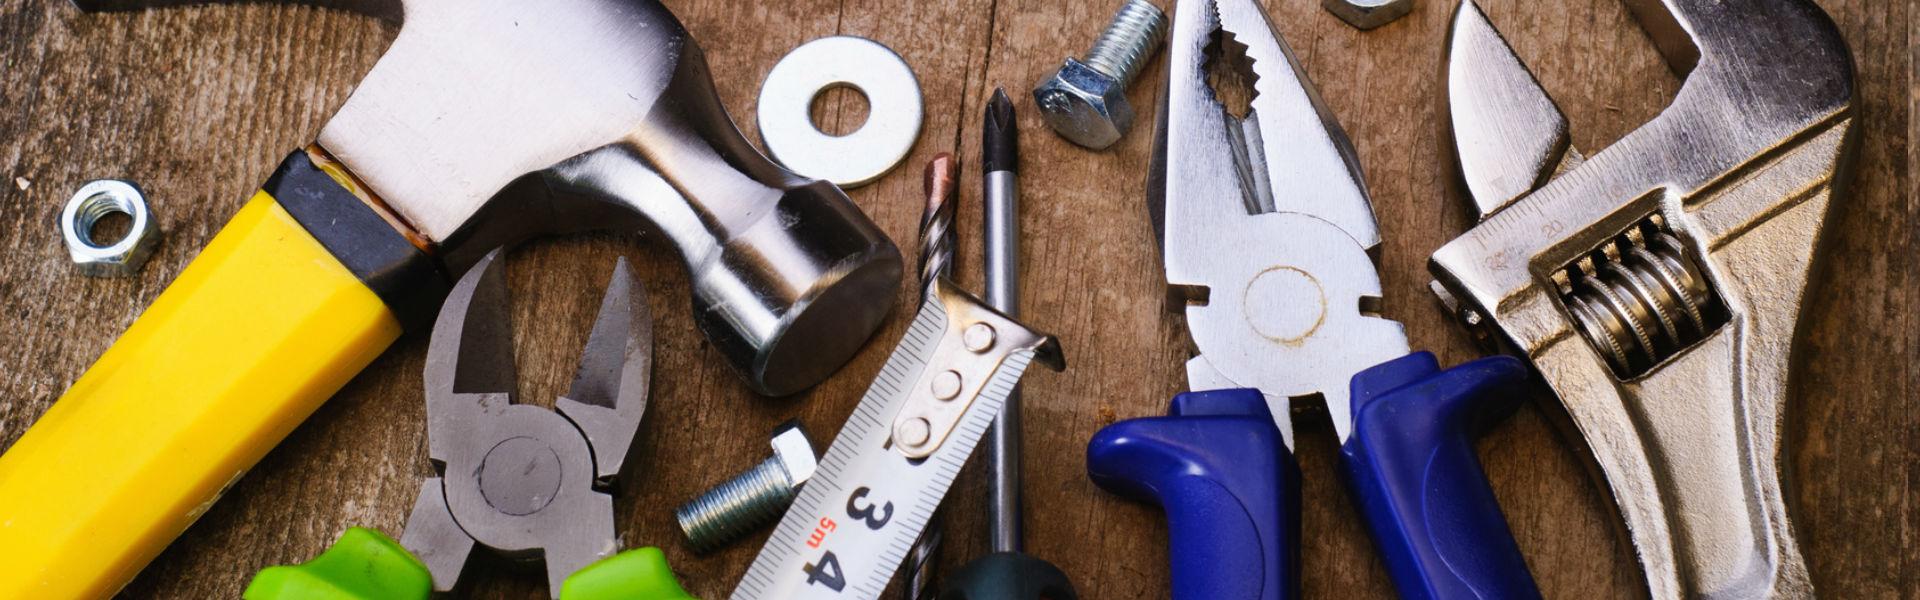 Firma MARBAR – szeroki asortyment narzędzi w najlepszych cenach